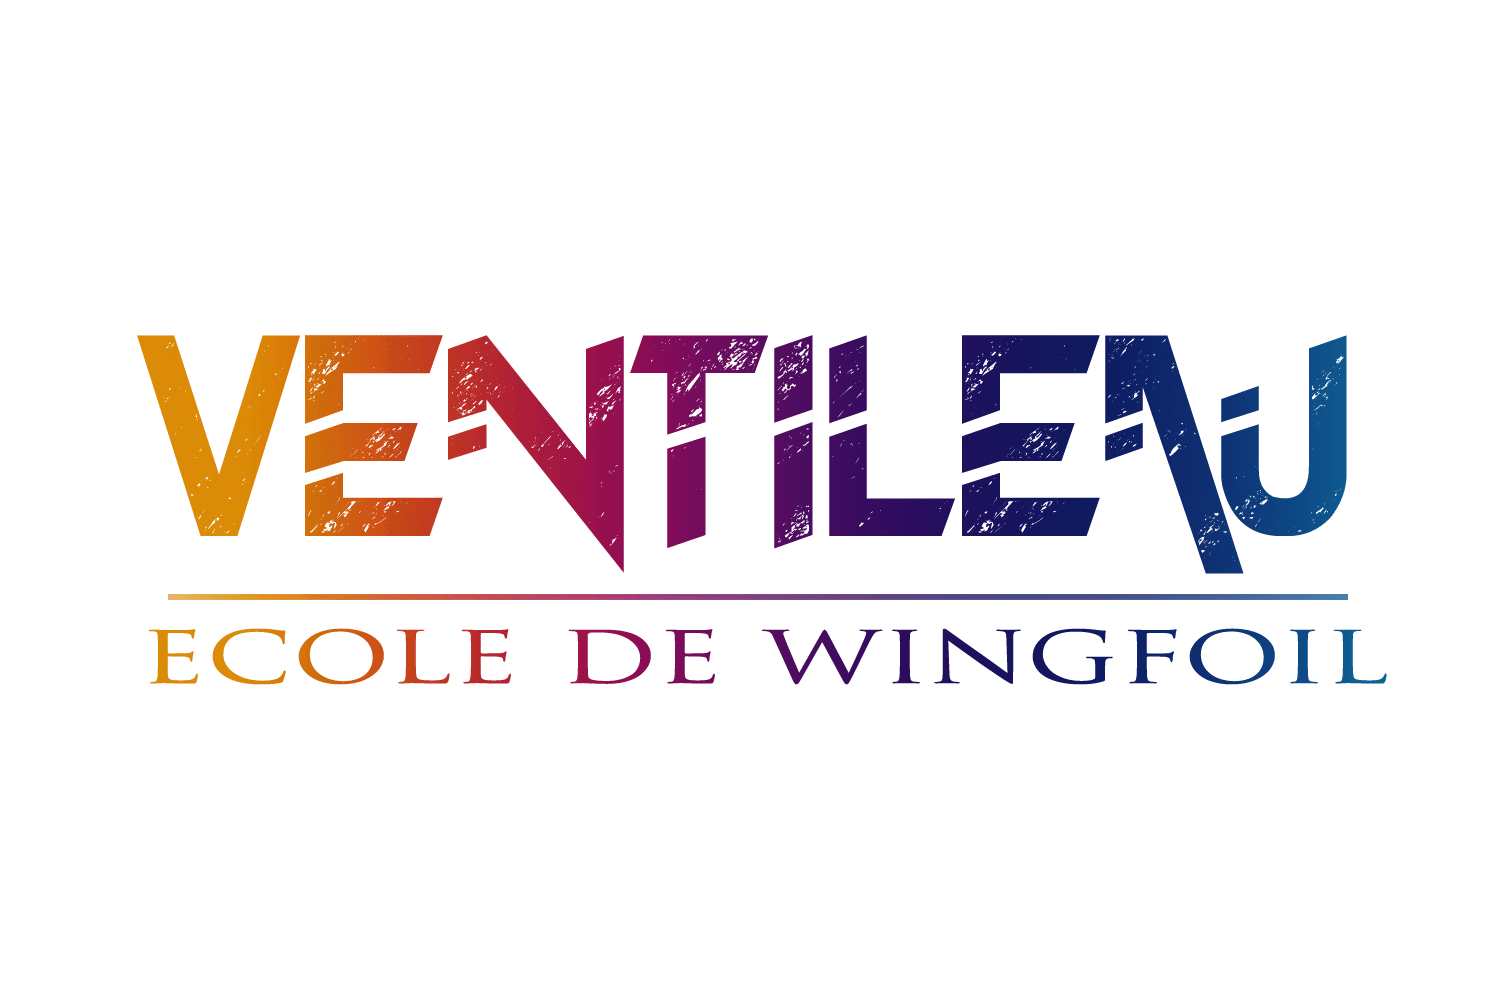 ecole de wingfoil